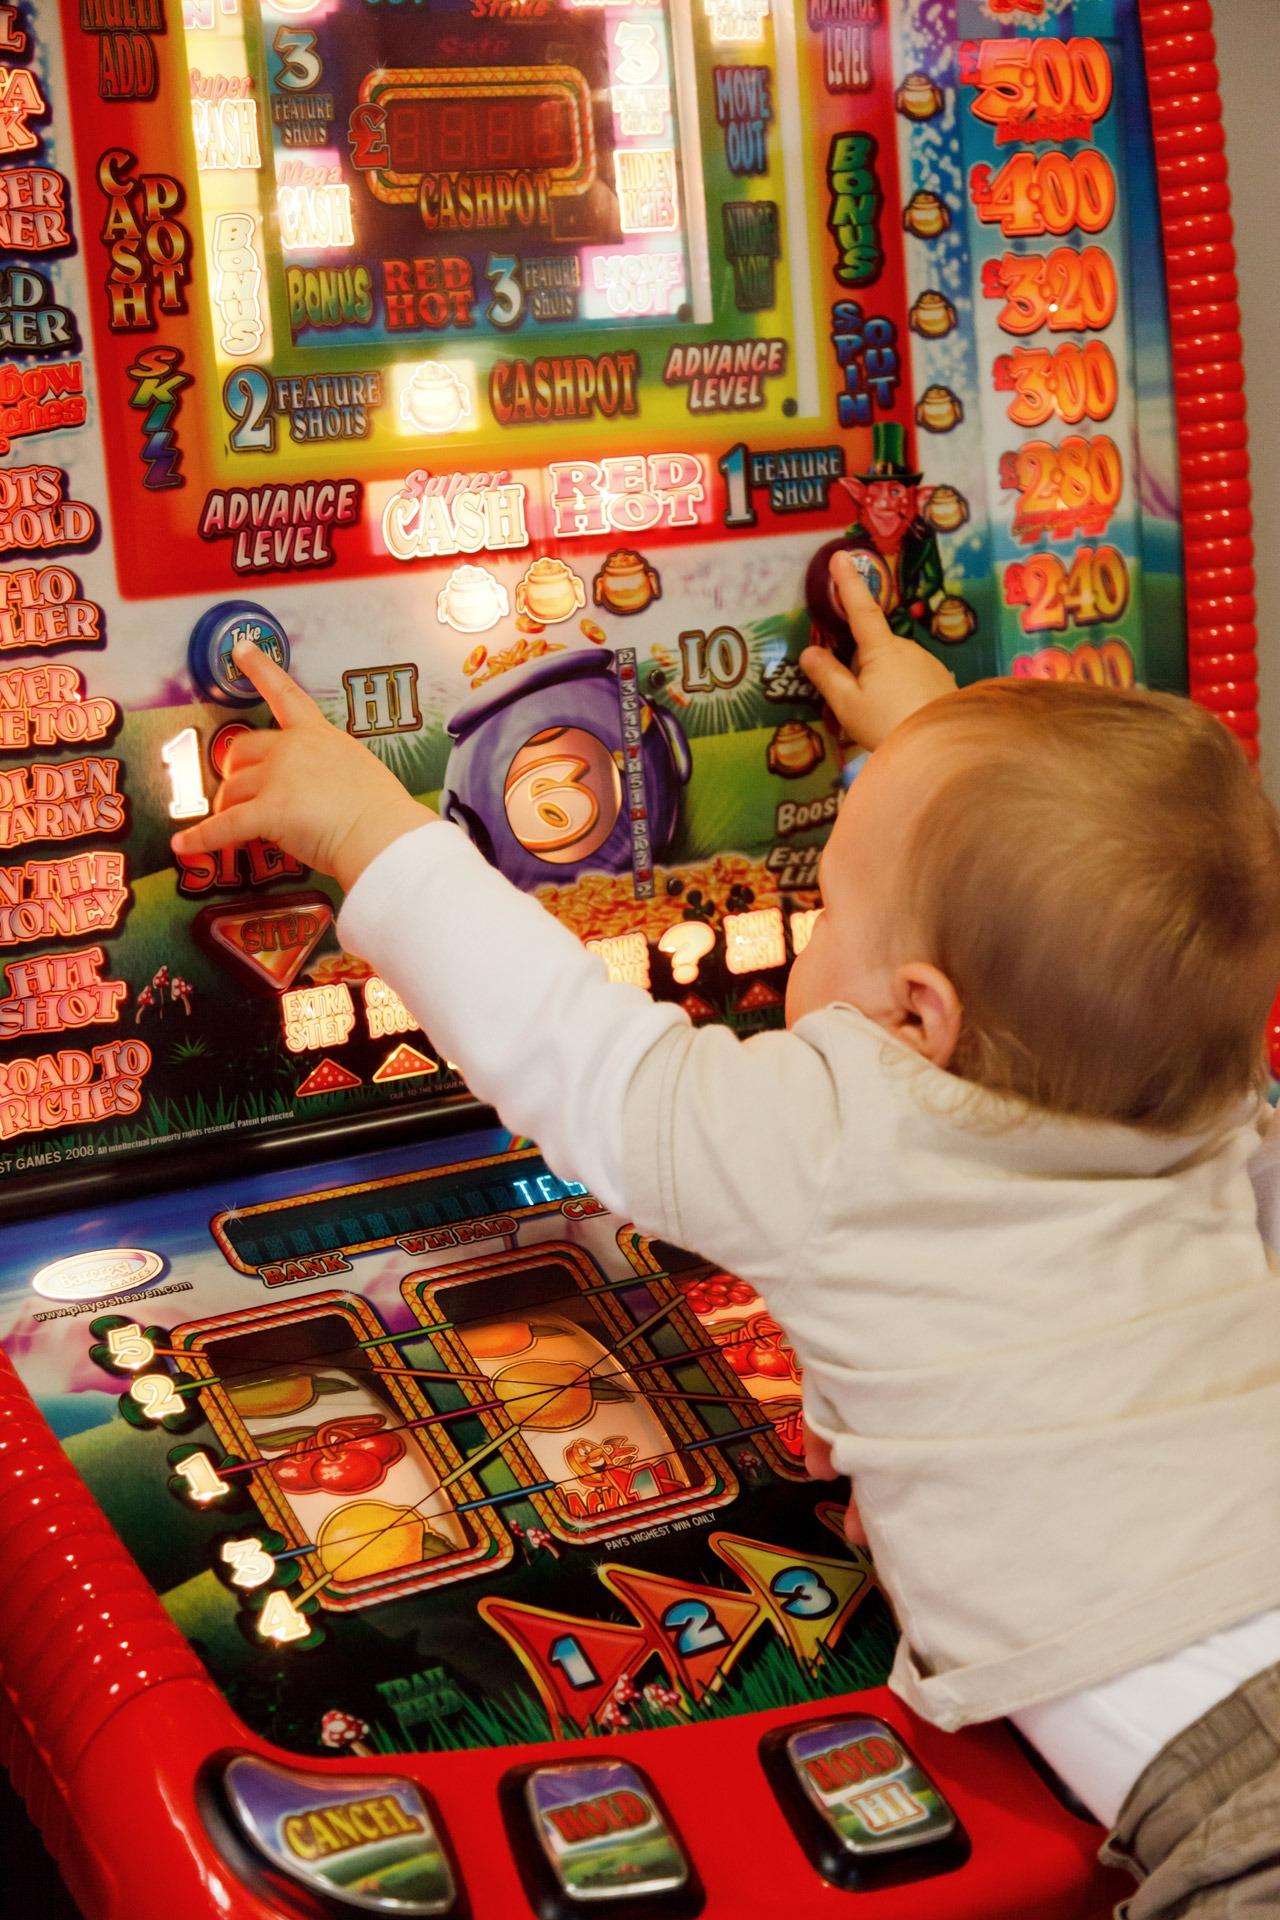 Play for fun gambling jimmy eat world bi casino